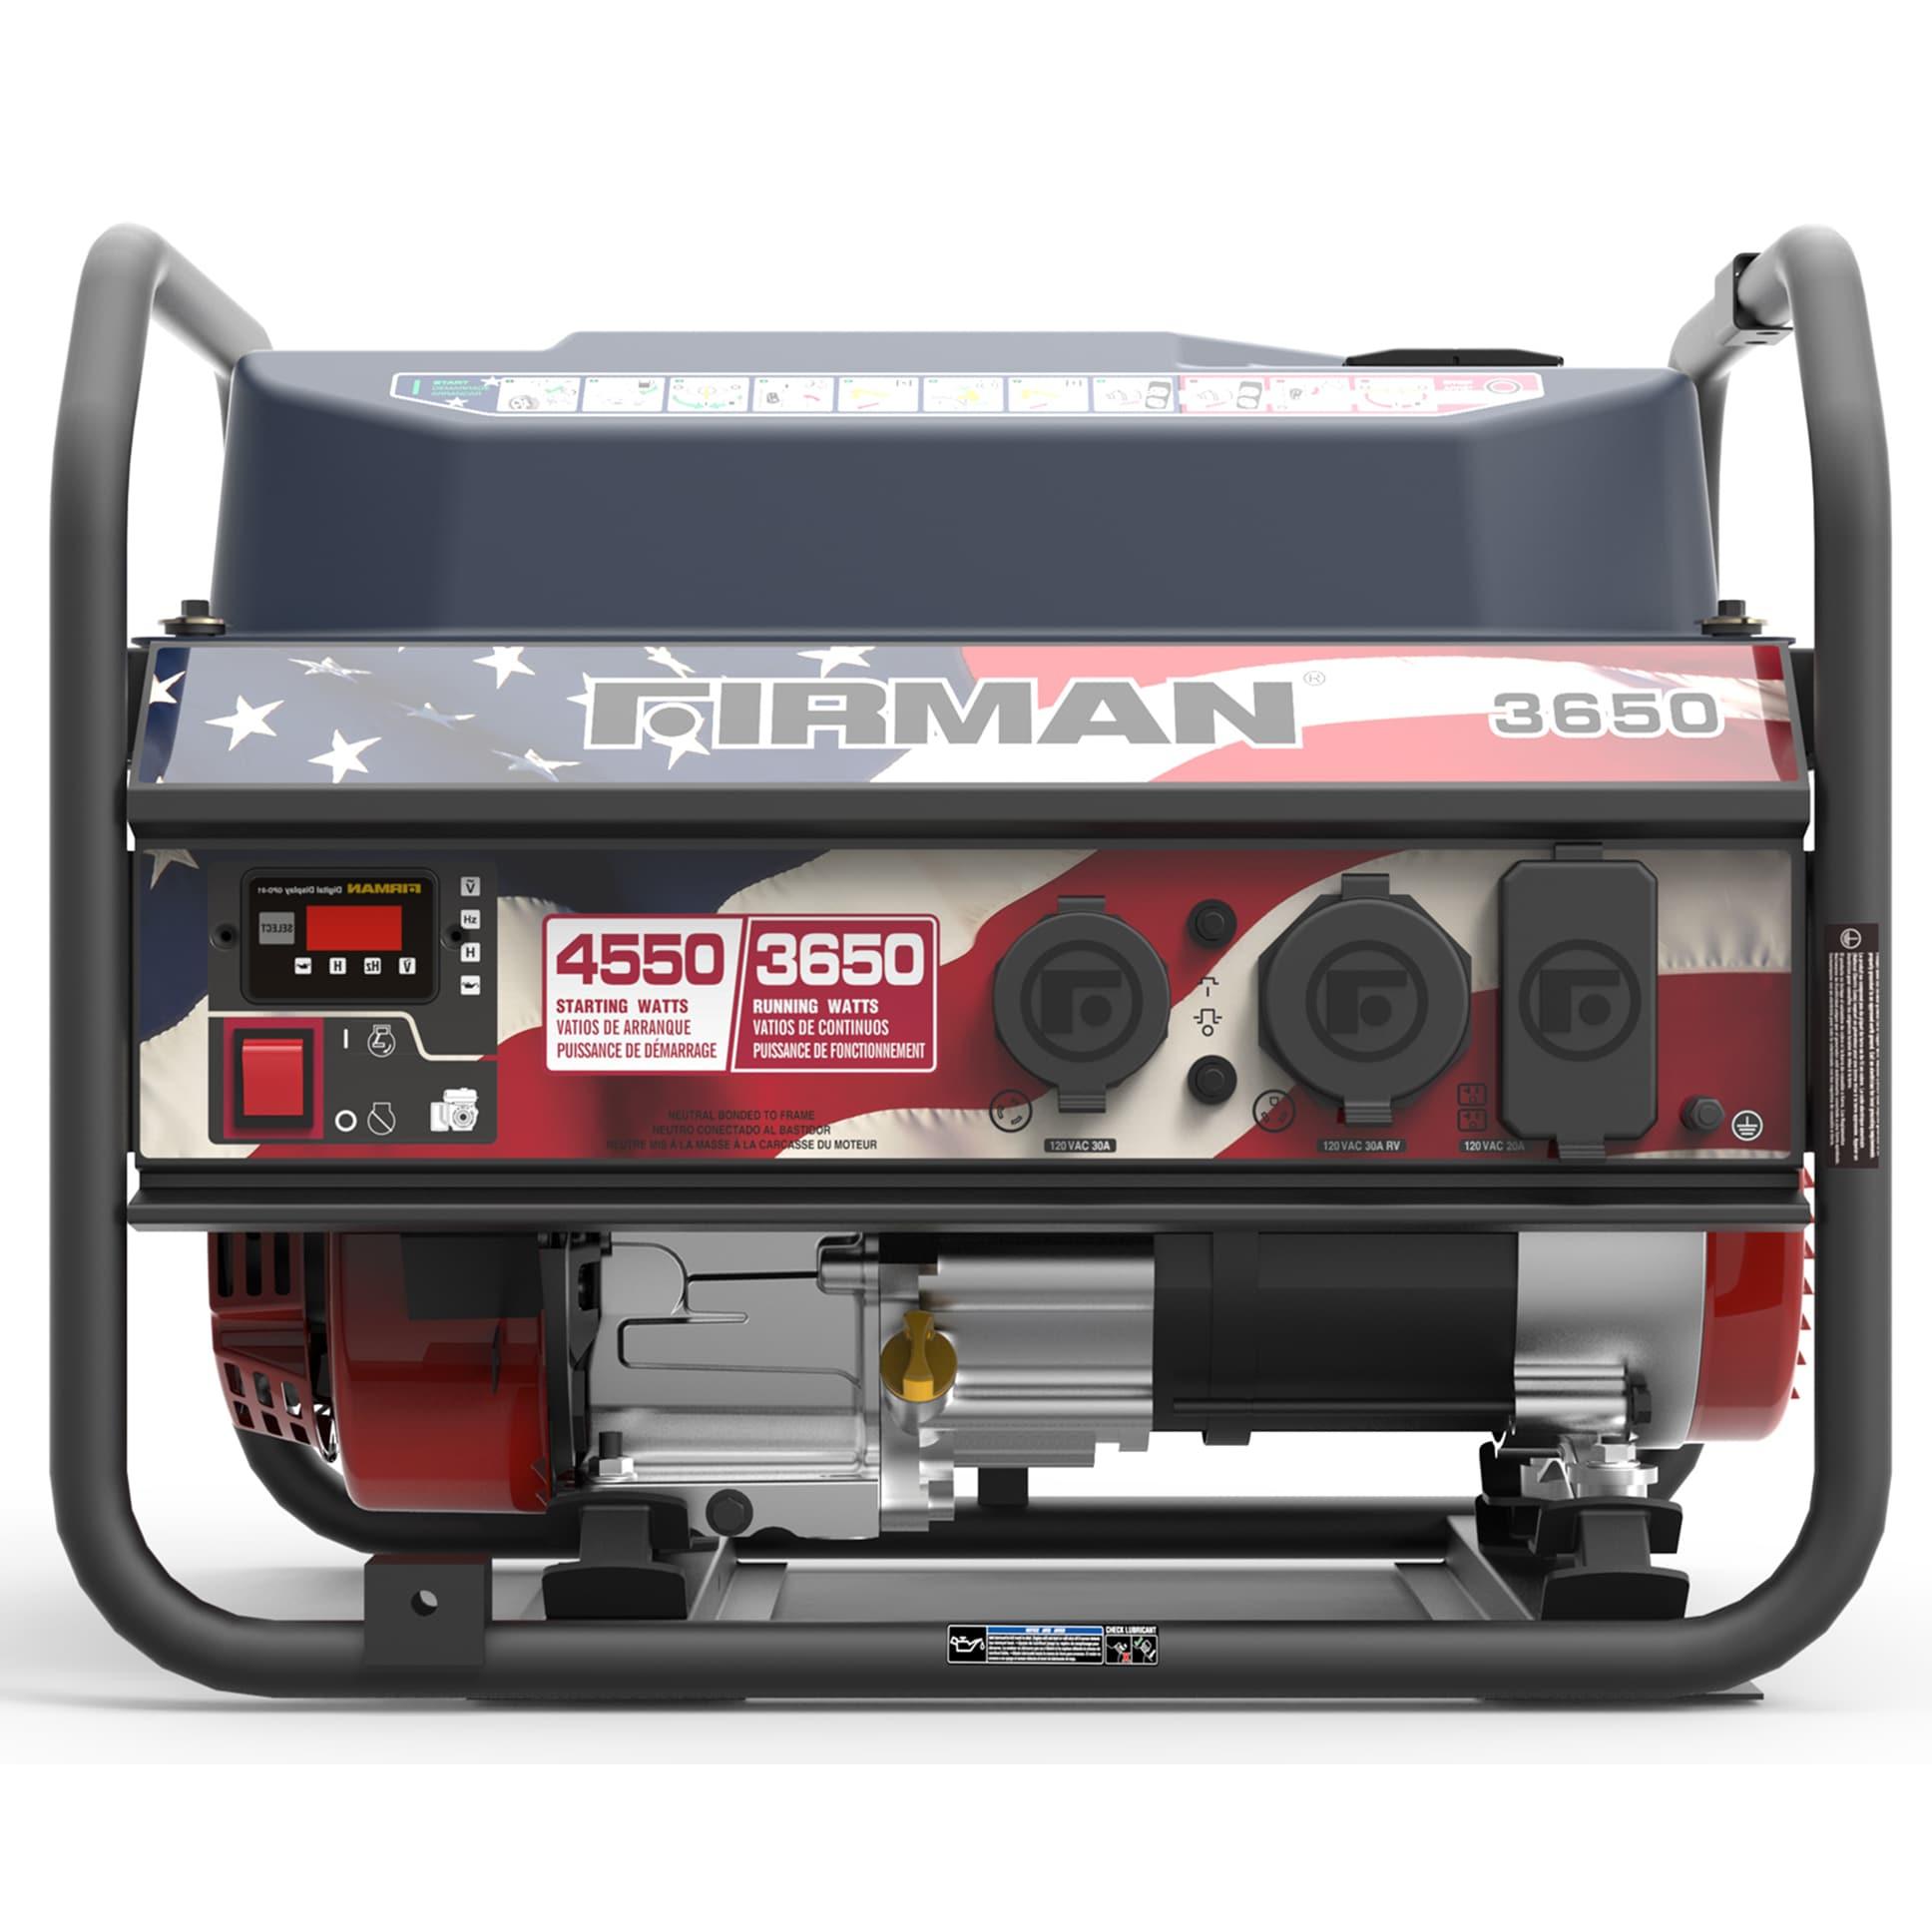 Firman Power Equipment P 3650 4550 Watt Portable Gas